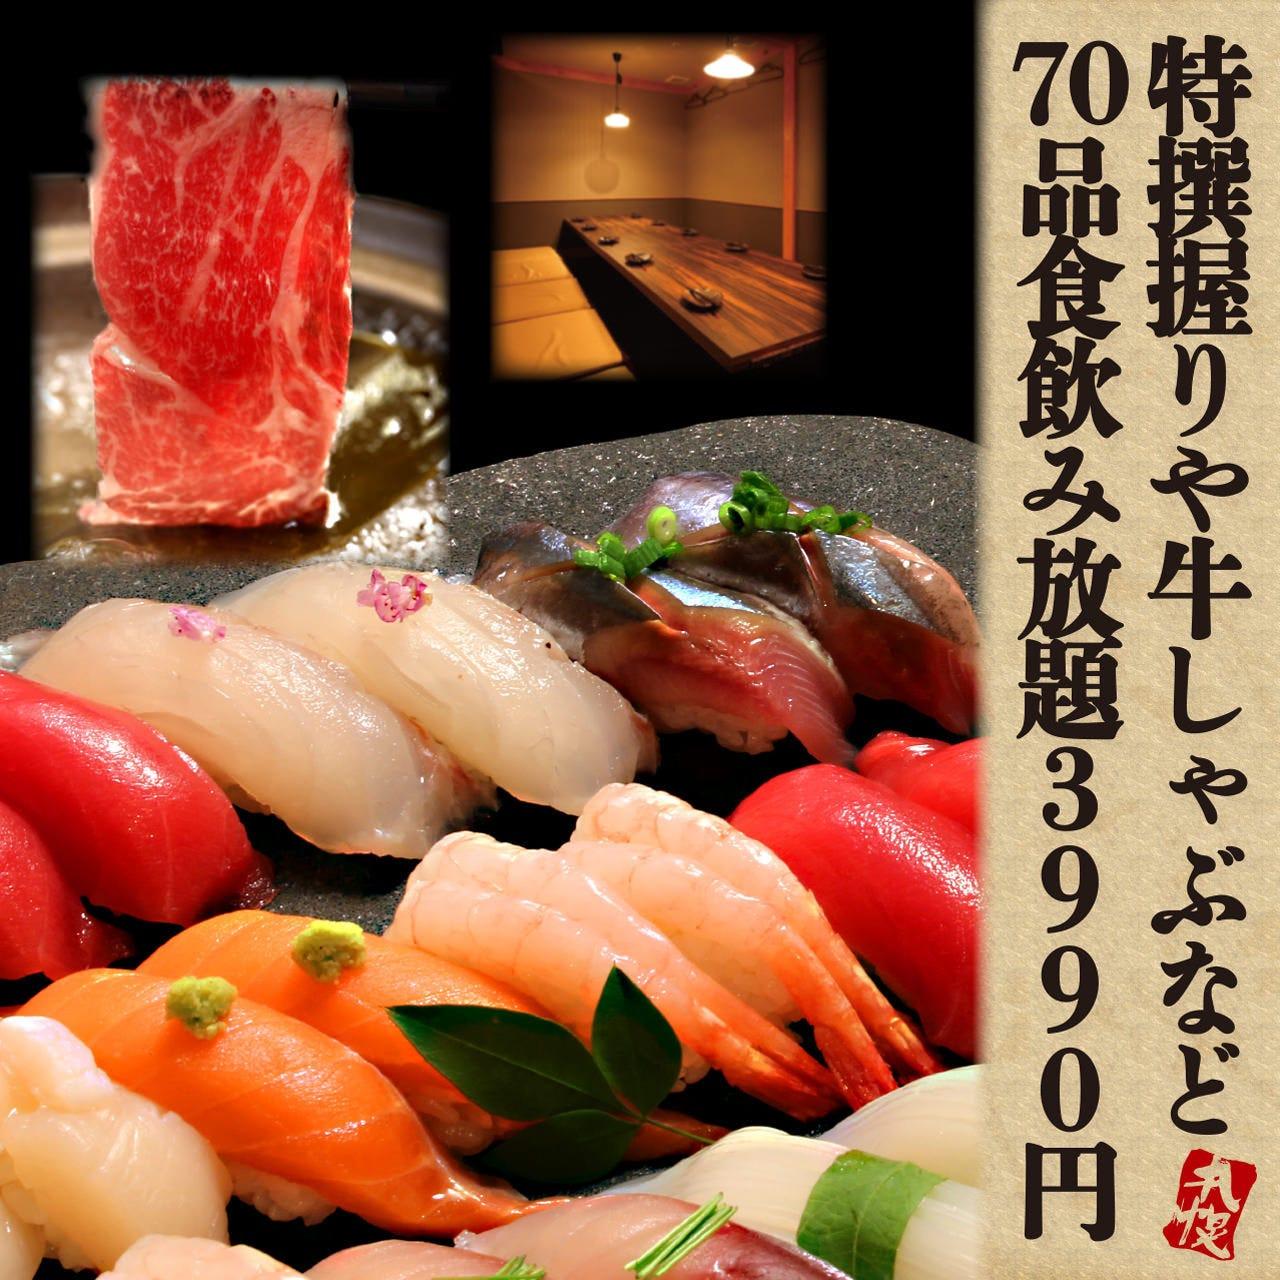 職人が握る寿司食べ放題&飲み放題